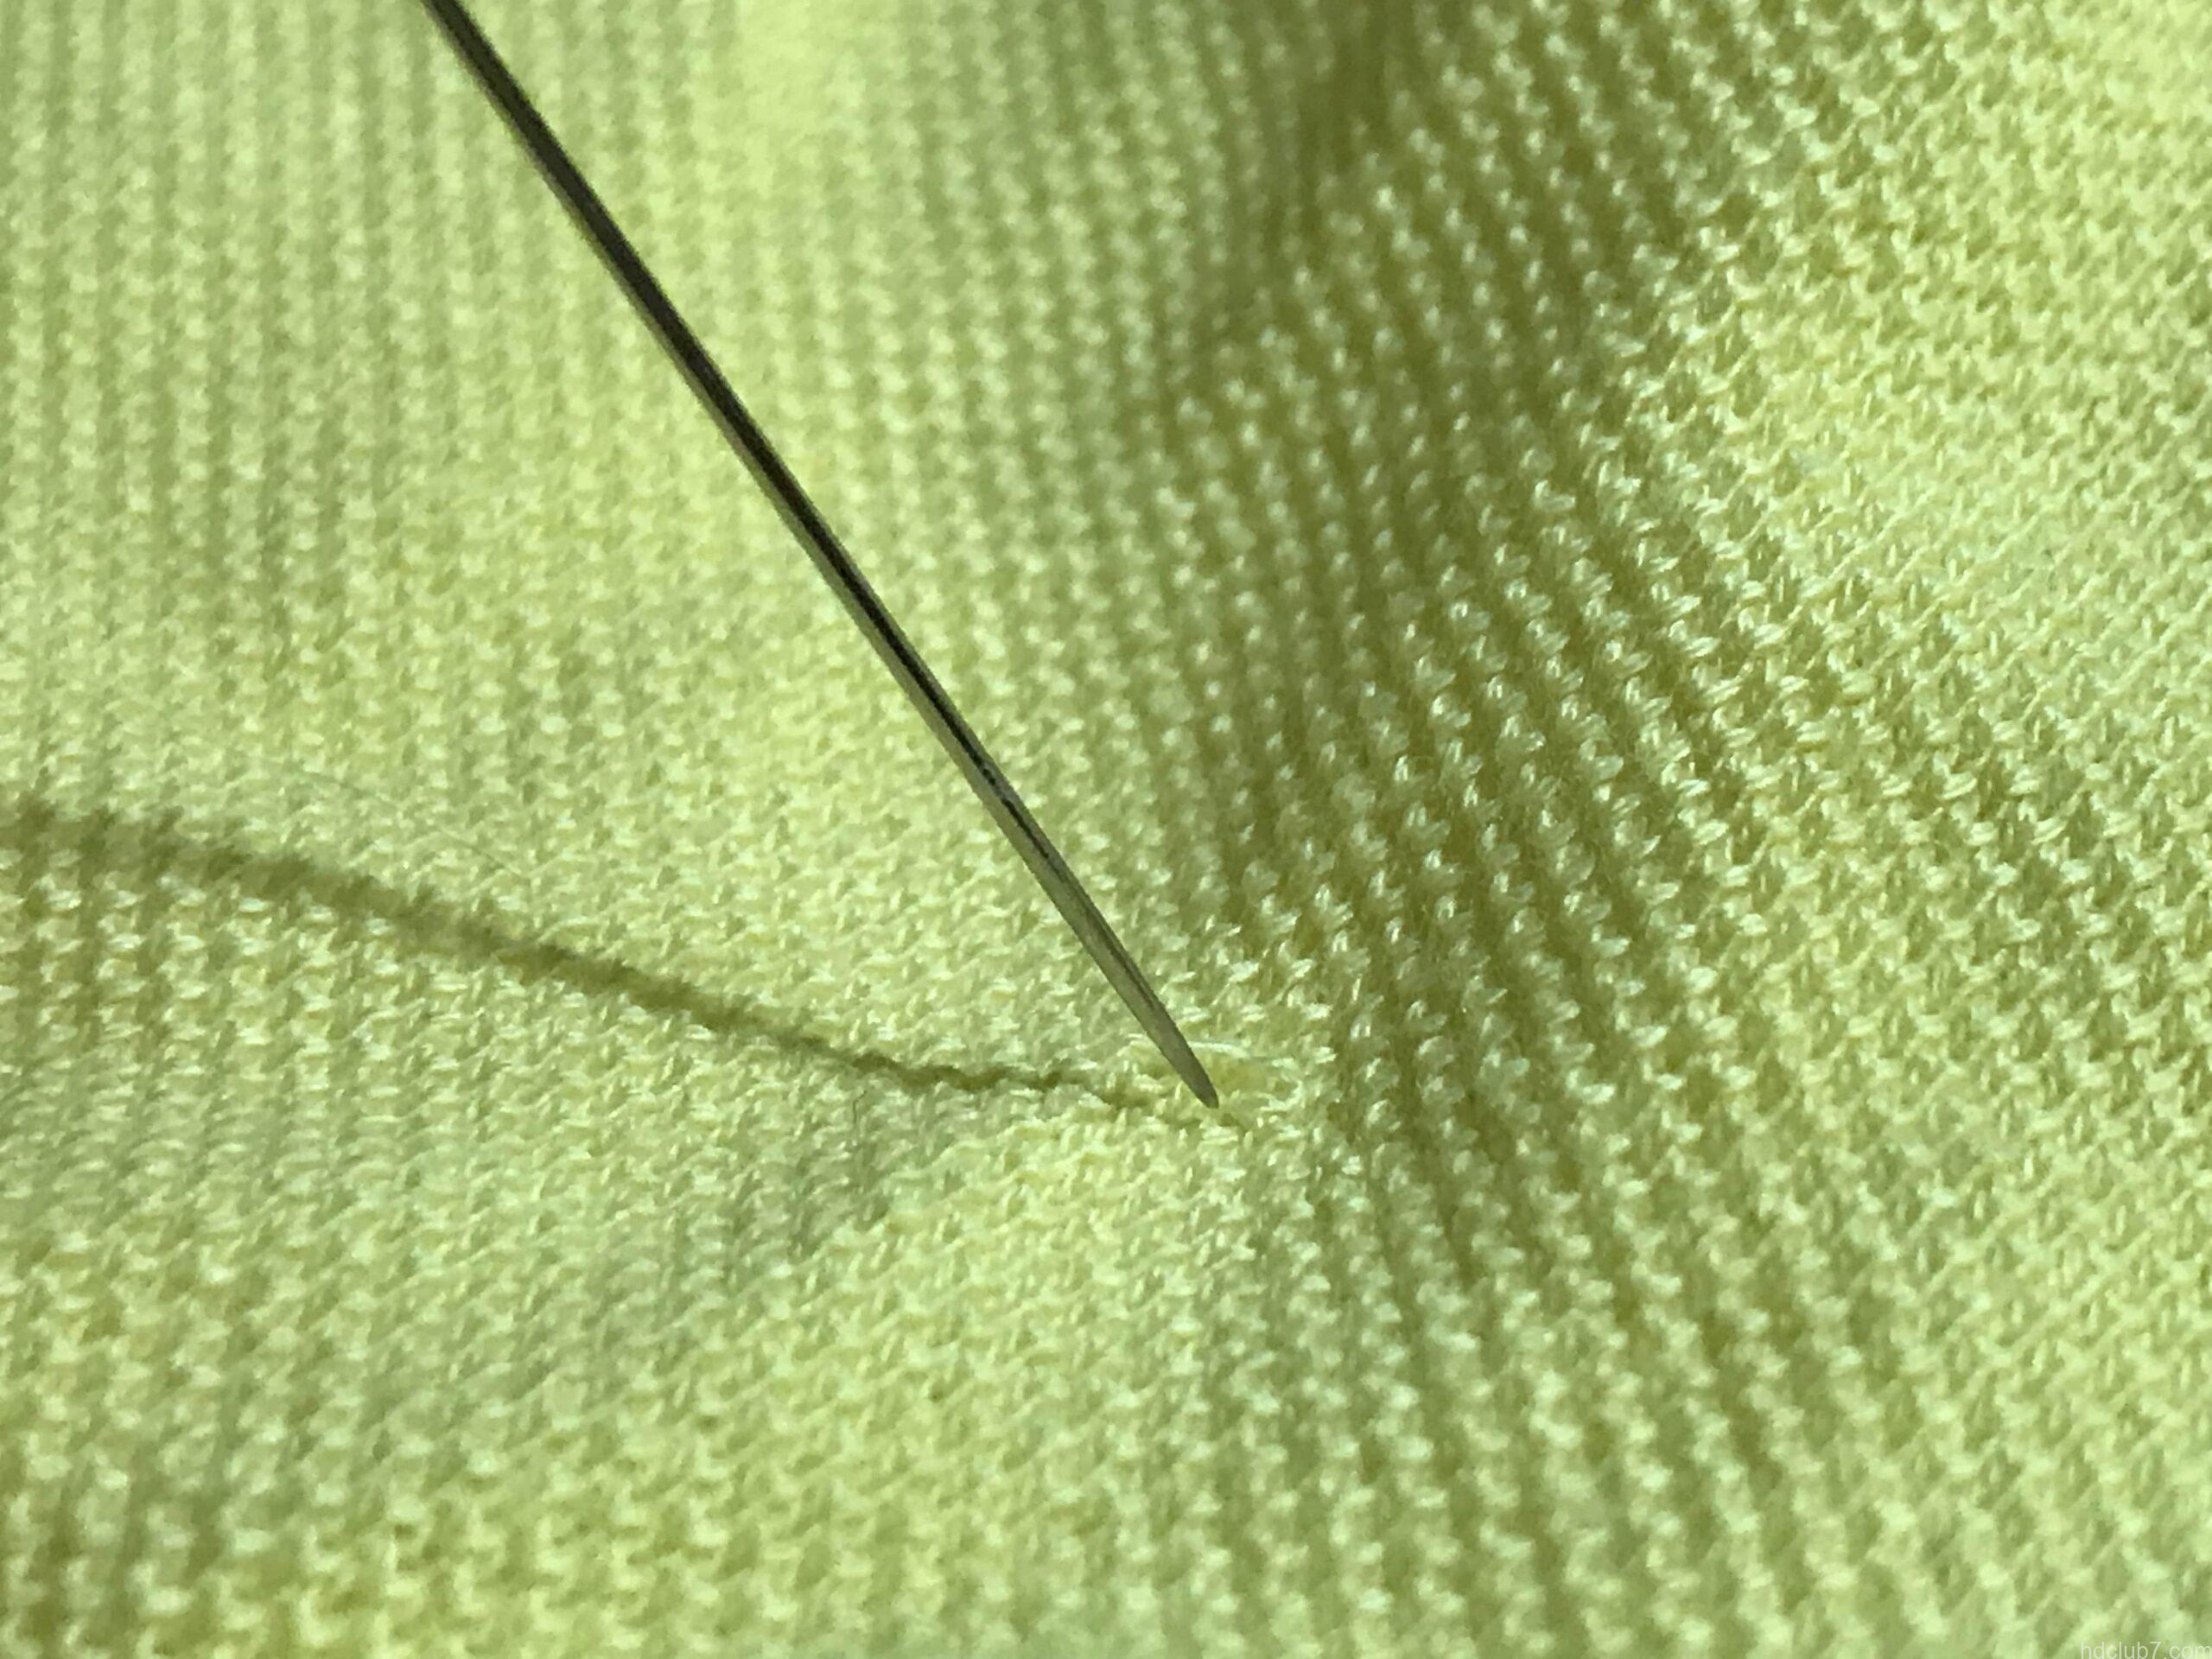 クロバーのほつれ補修針をラコステのポロシャツに刺している